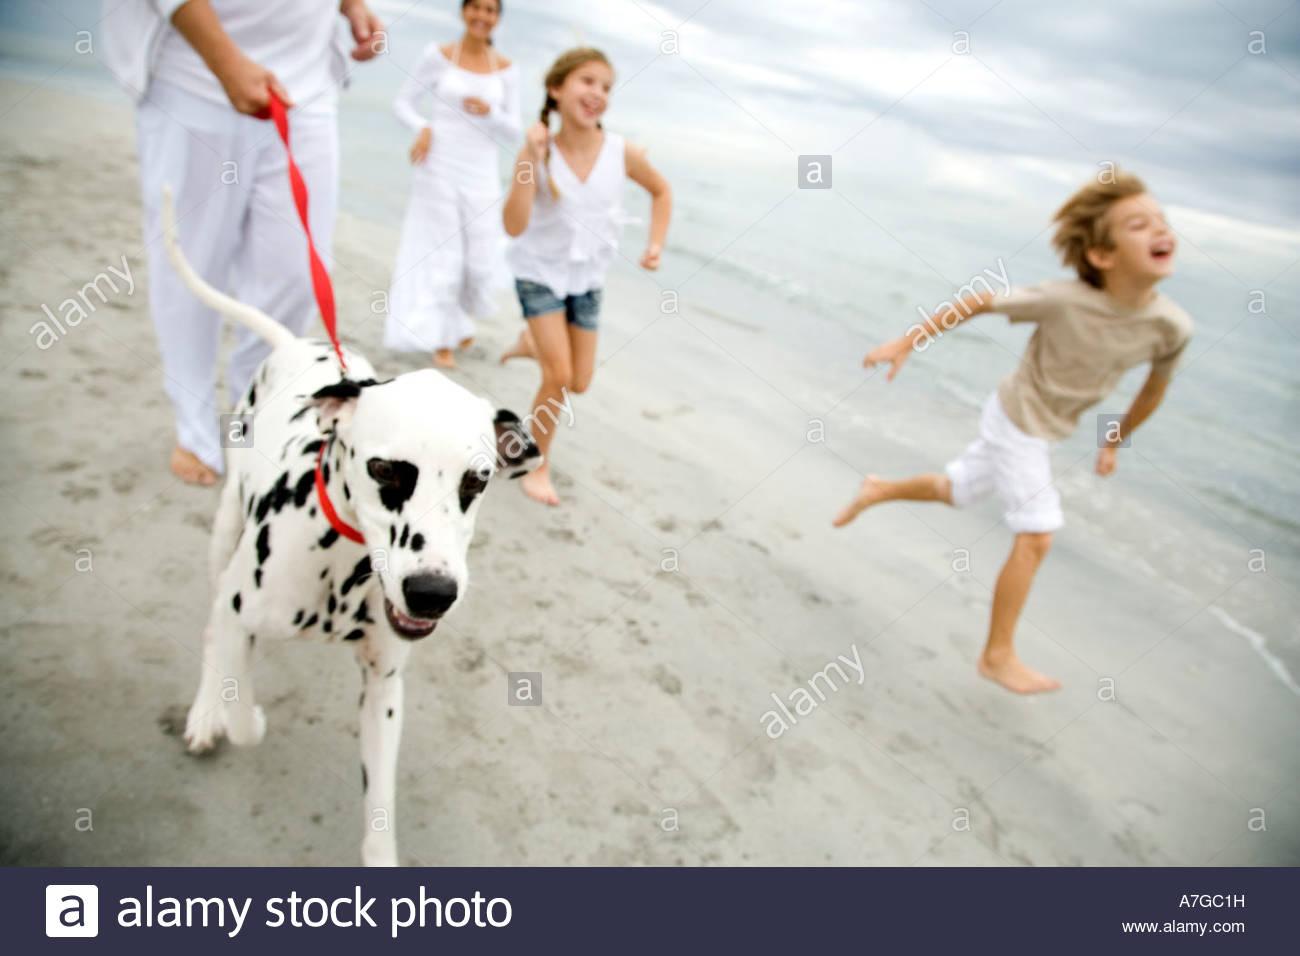 Una familia pasear al perro en una playa Imagen De Stock